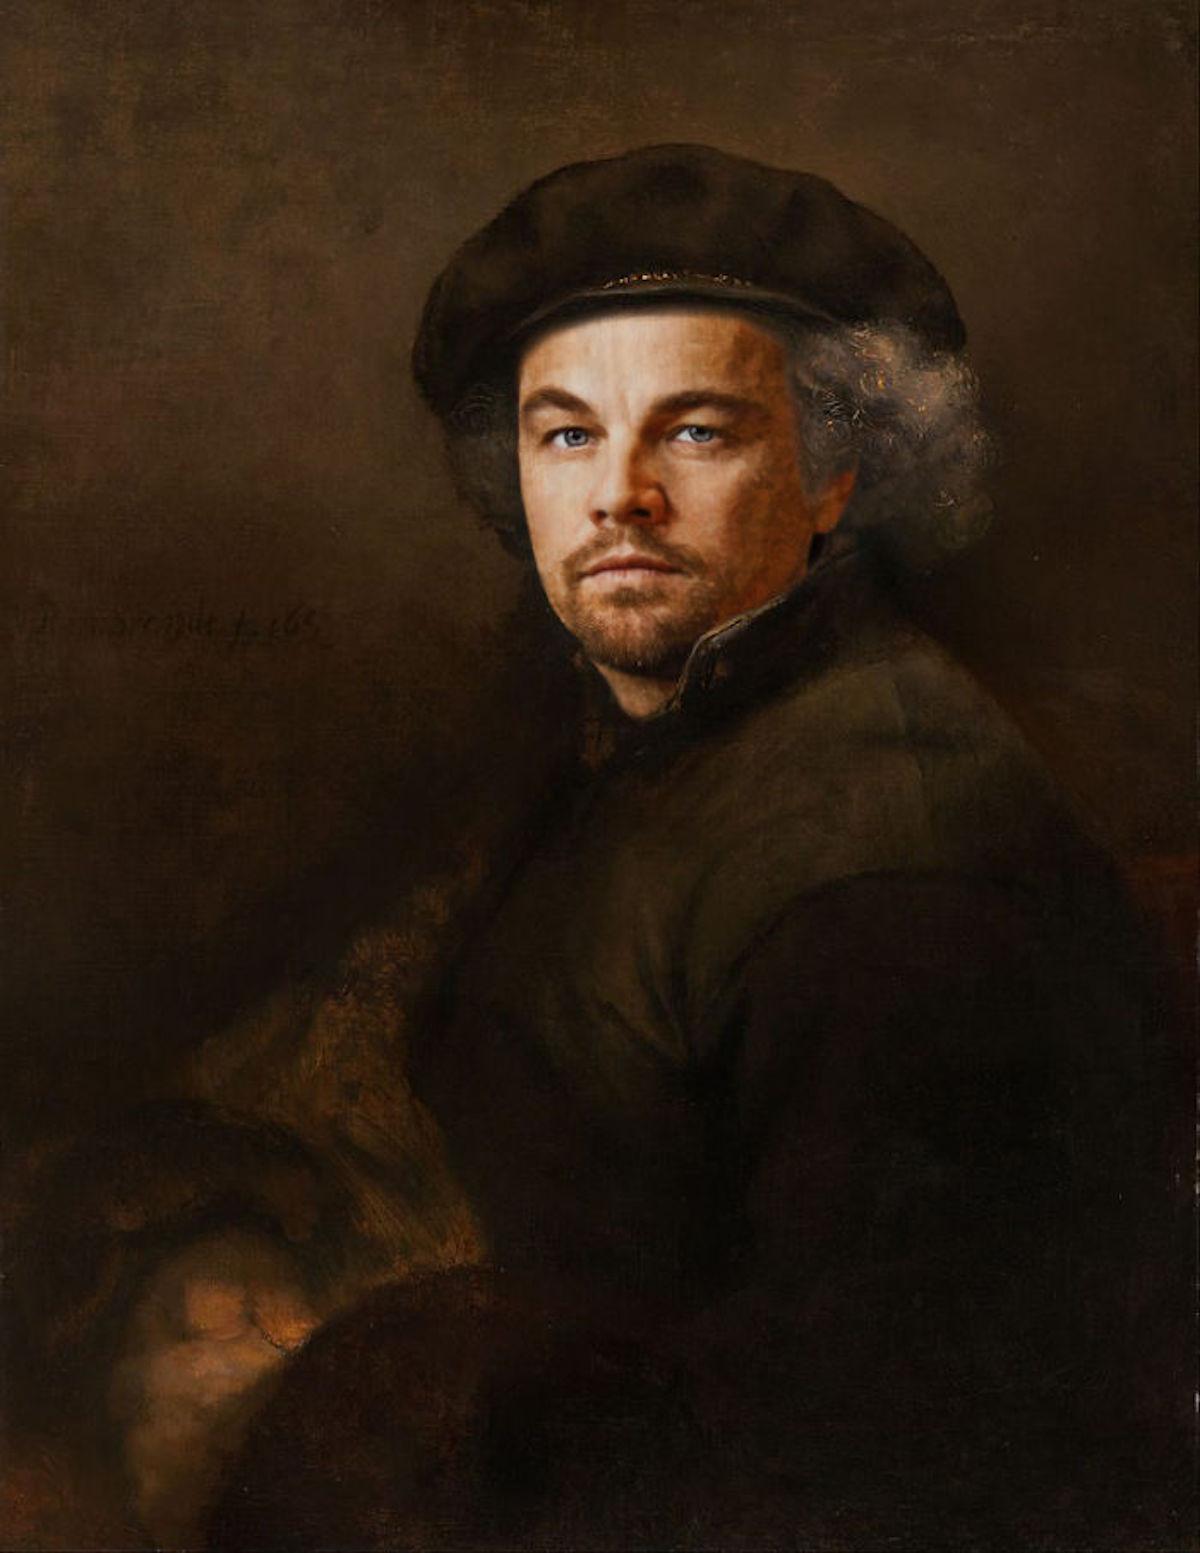 Leonardo DiCaprio Art Digital Design Crowd